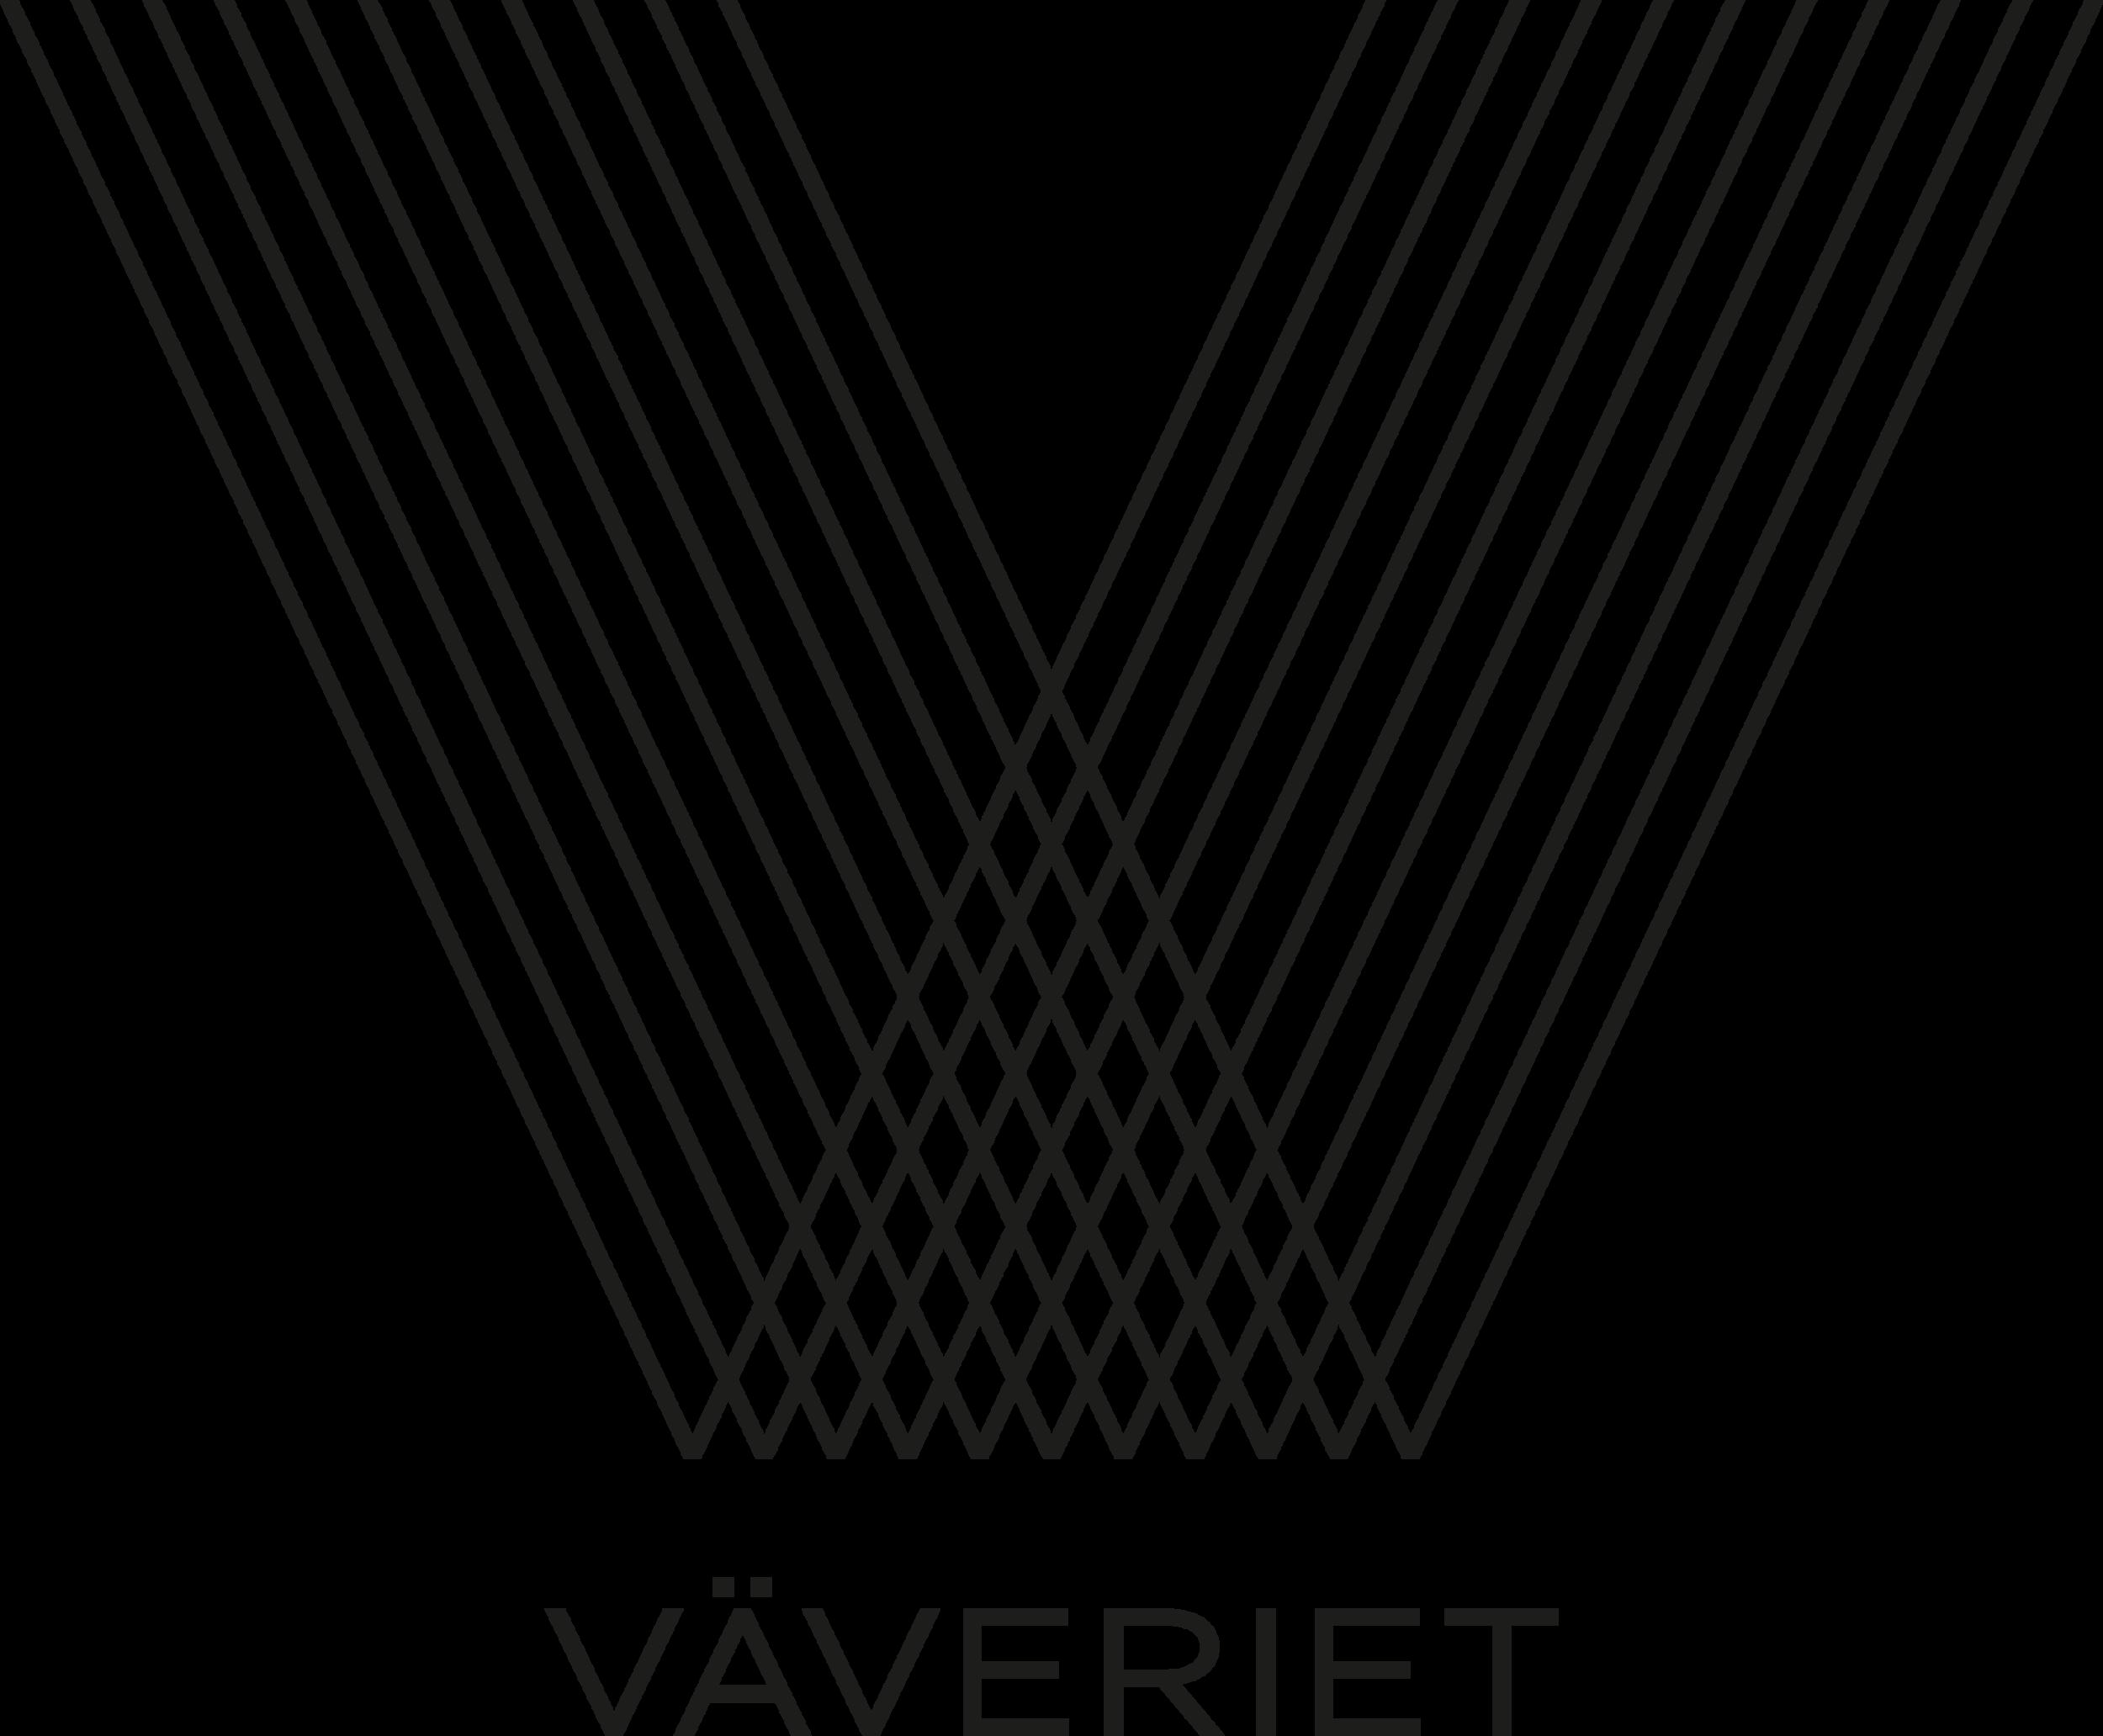 Vaveriet_logo_sv.png